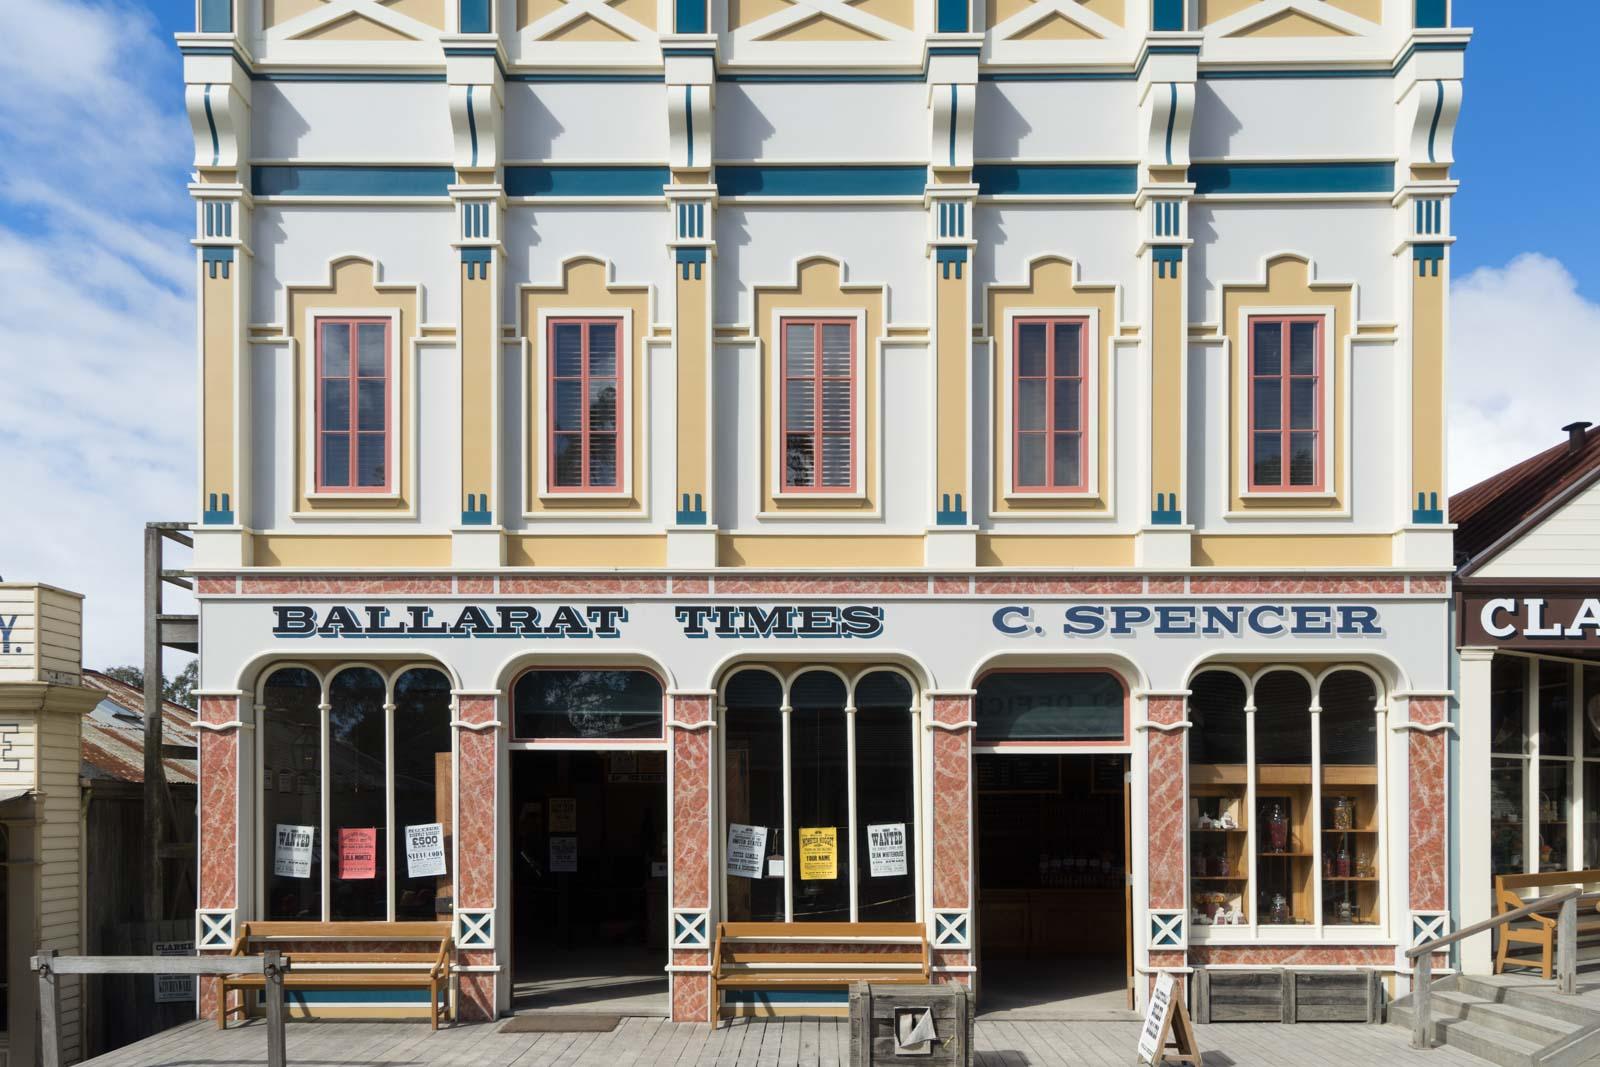 Sovereign Hill, Ballarat, Victoria, Australia